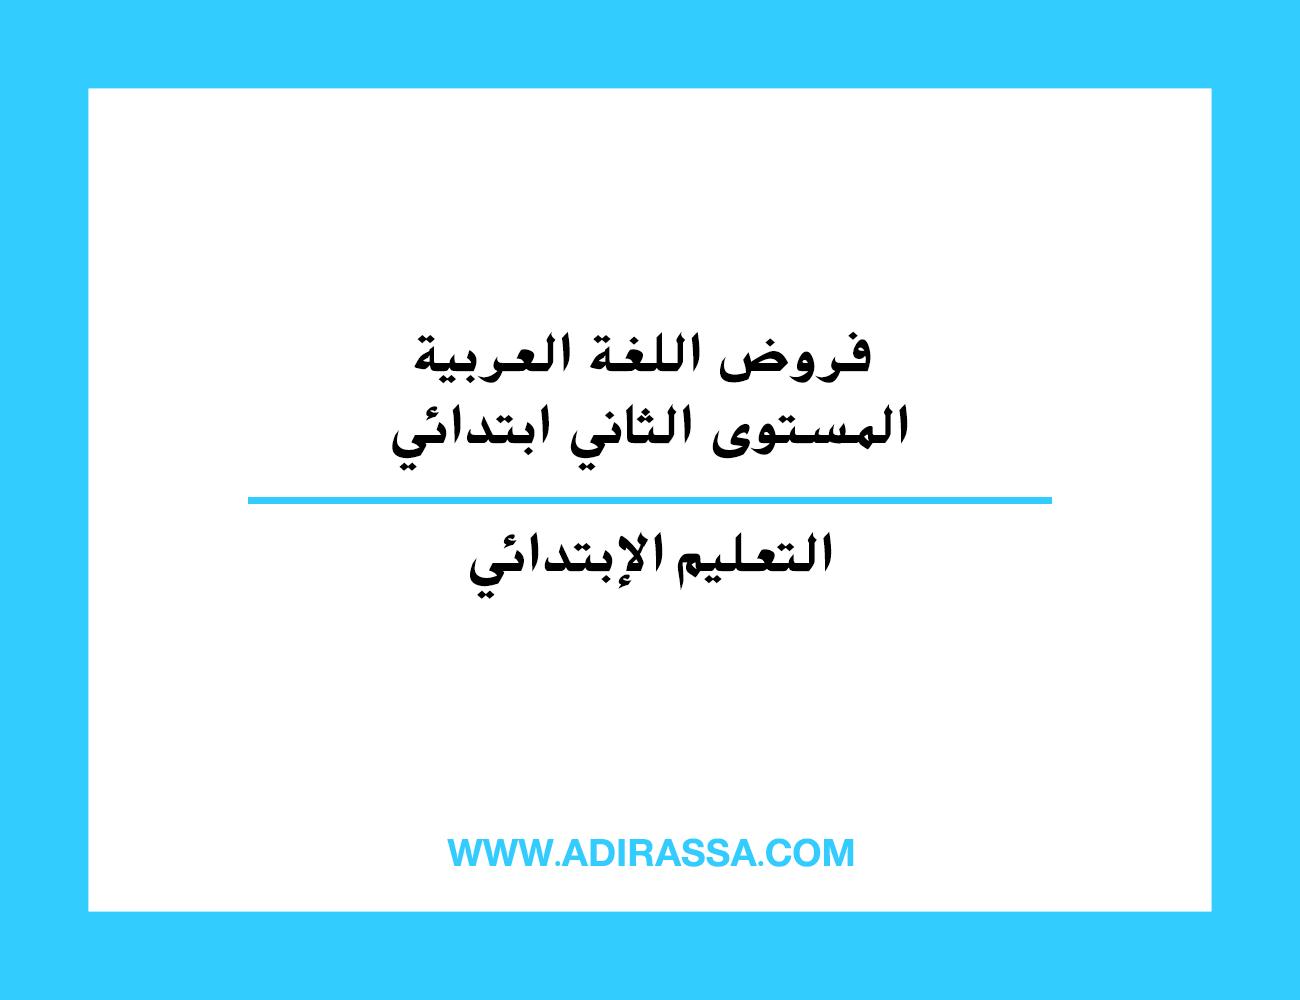 فروض اللغة العربية المستوى الثاني ابتدائي في المدرسة المغربية